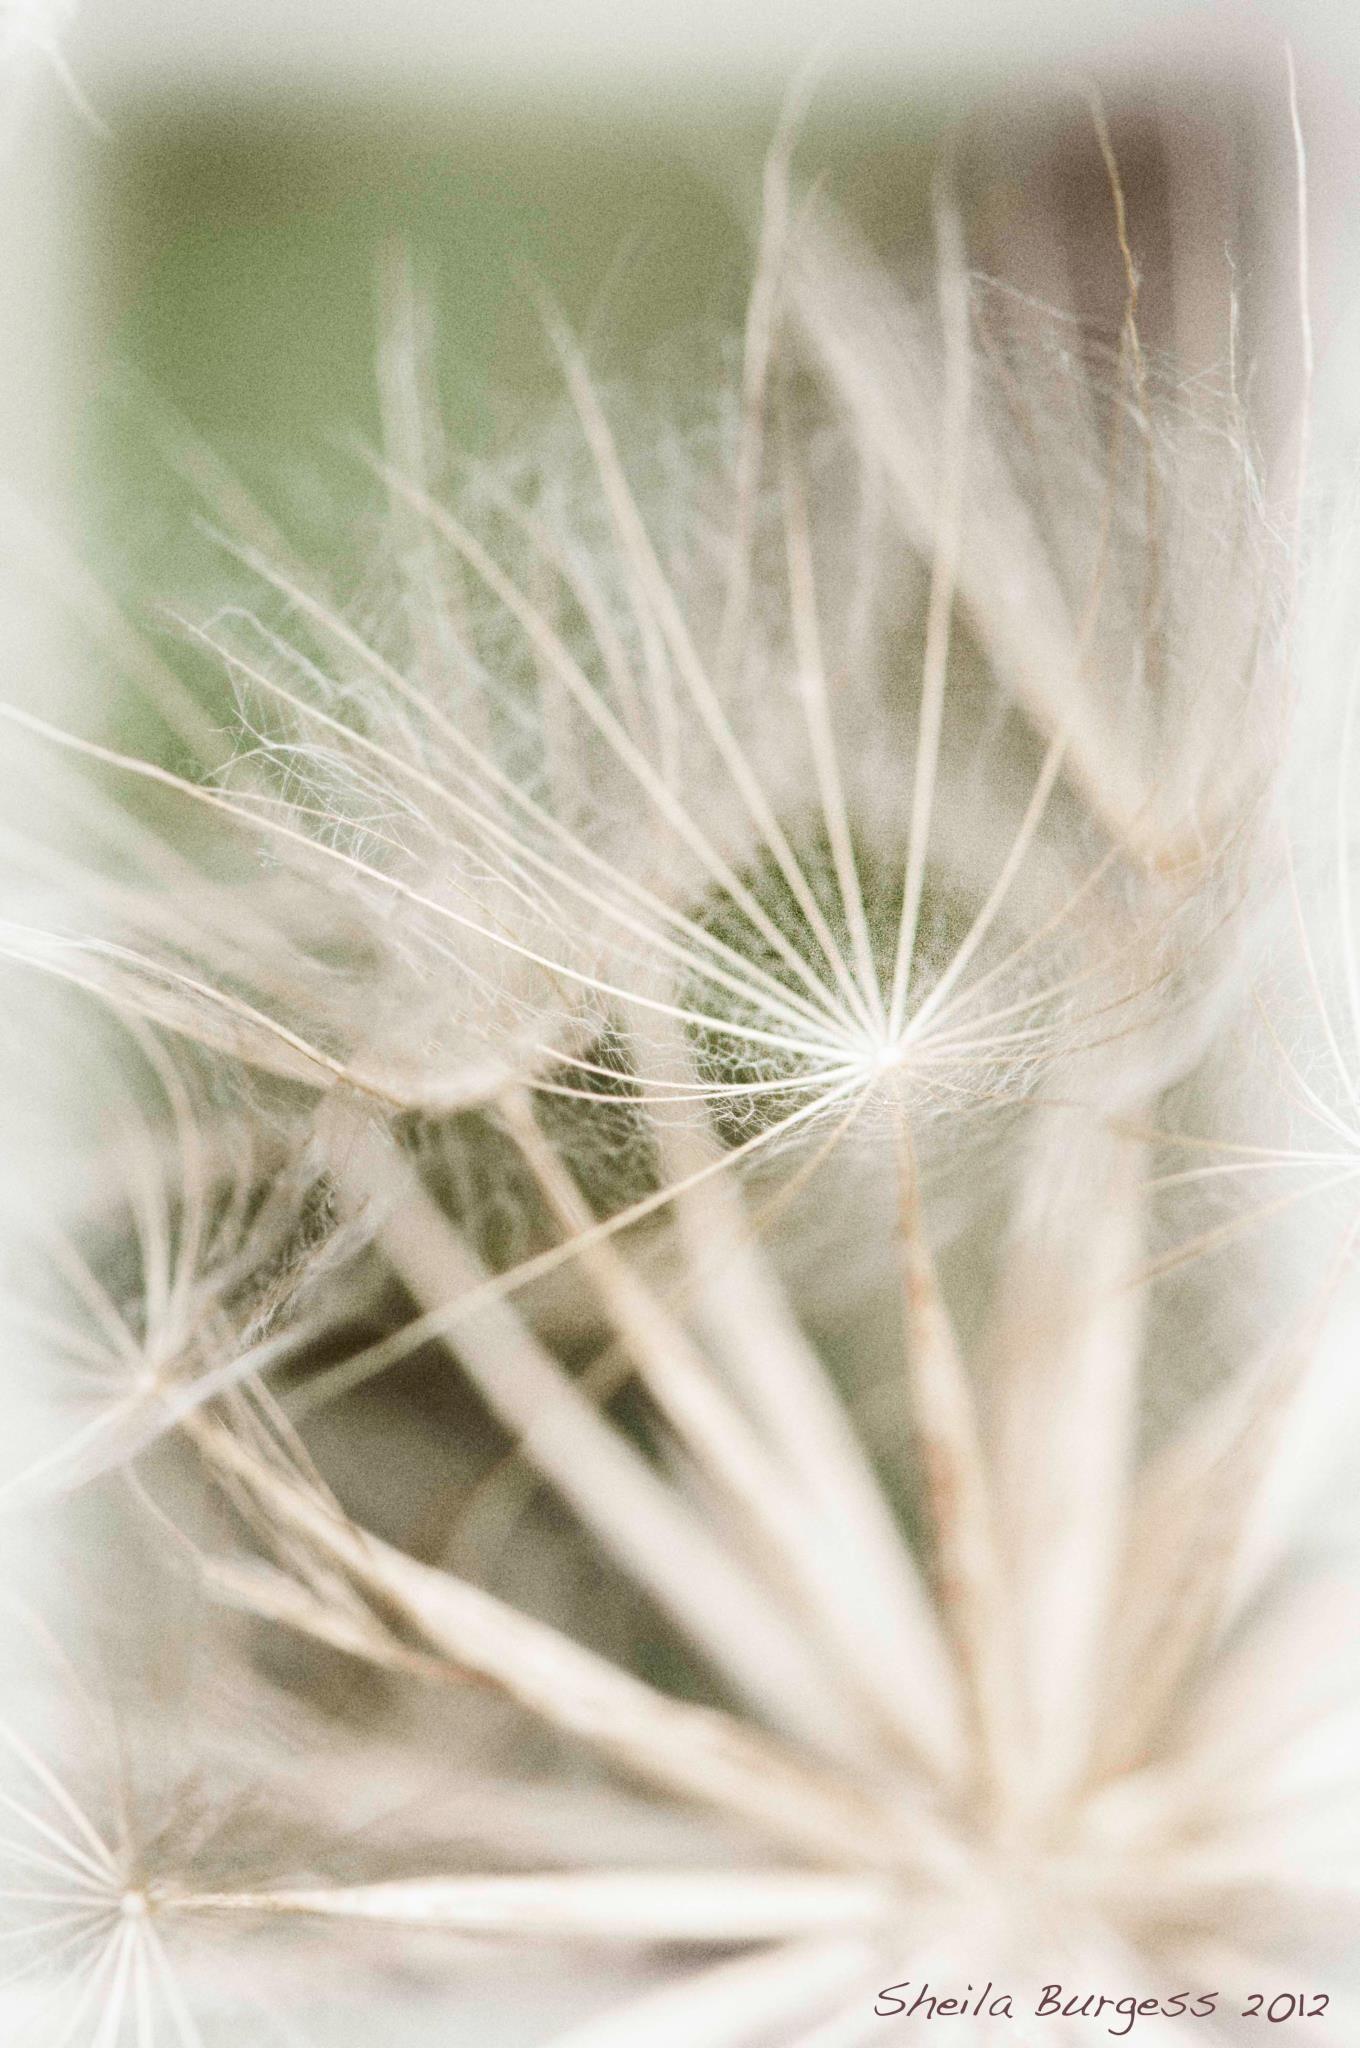 Flowers - Photo by Sheila Burgess